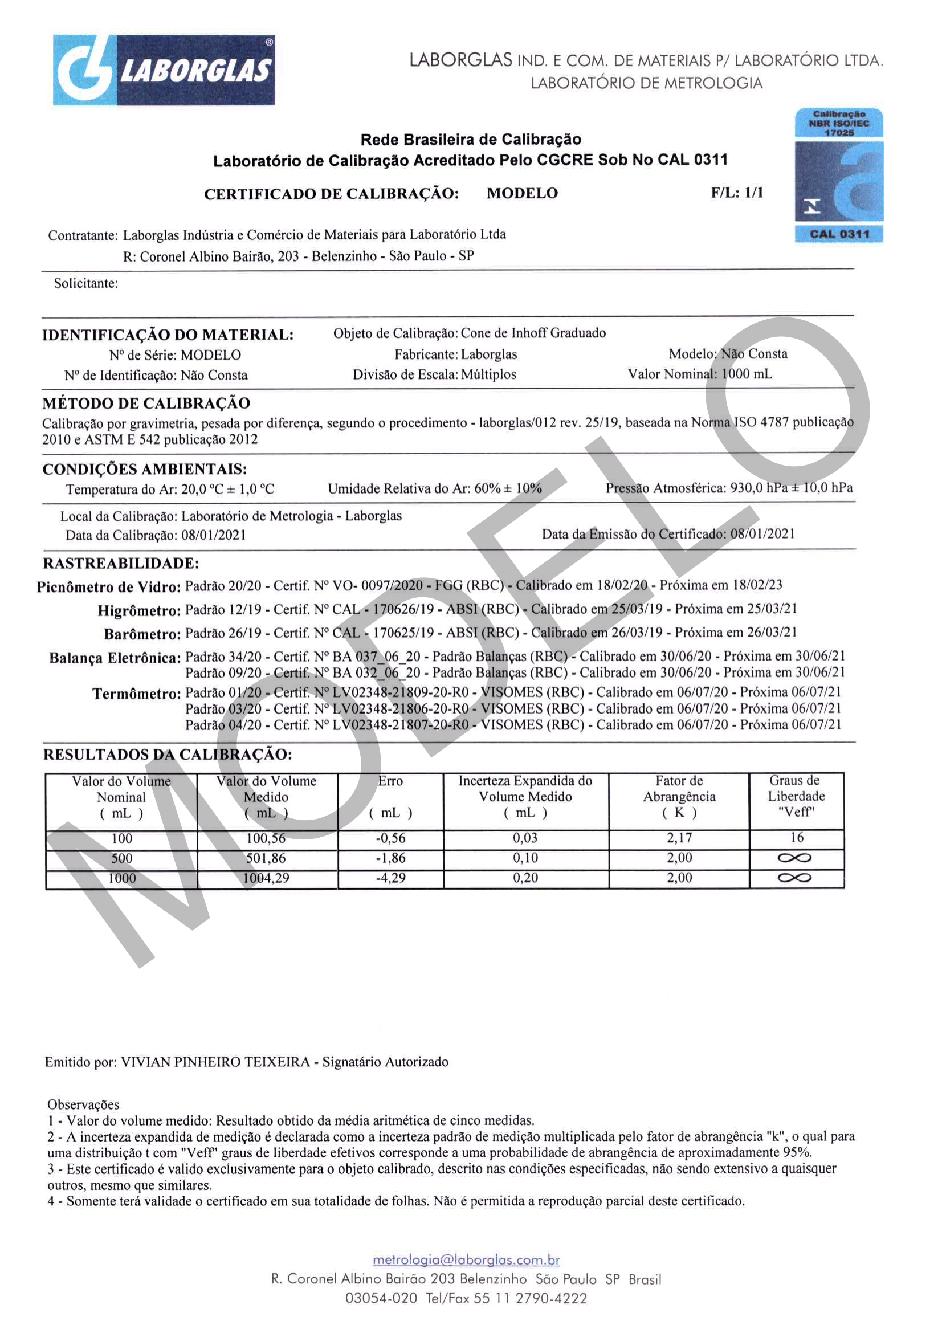 CONE DE INHOFF GRADUADO EM VIDRO COM CERTIFICADO RBC 1000 ML - Laborglas - Cód. 9140154-R